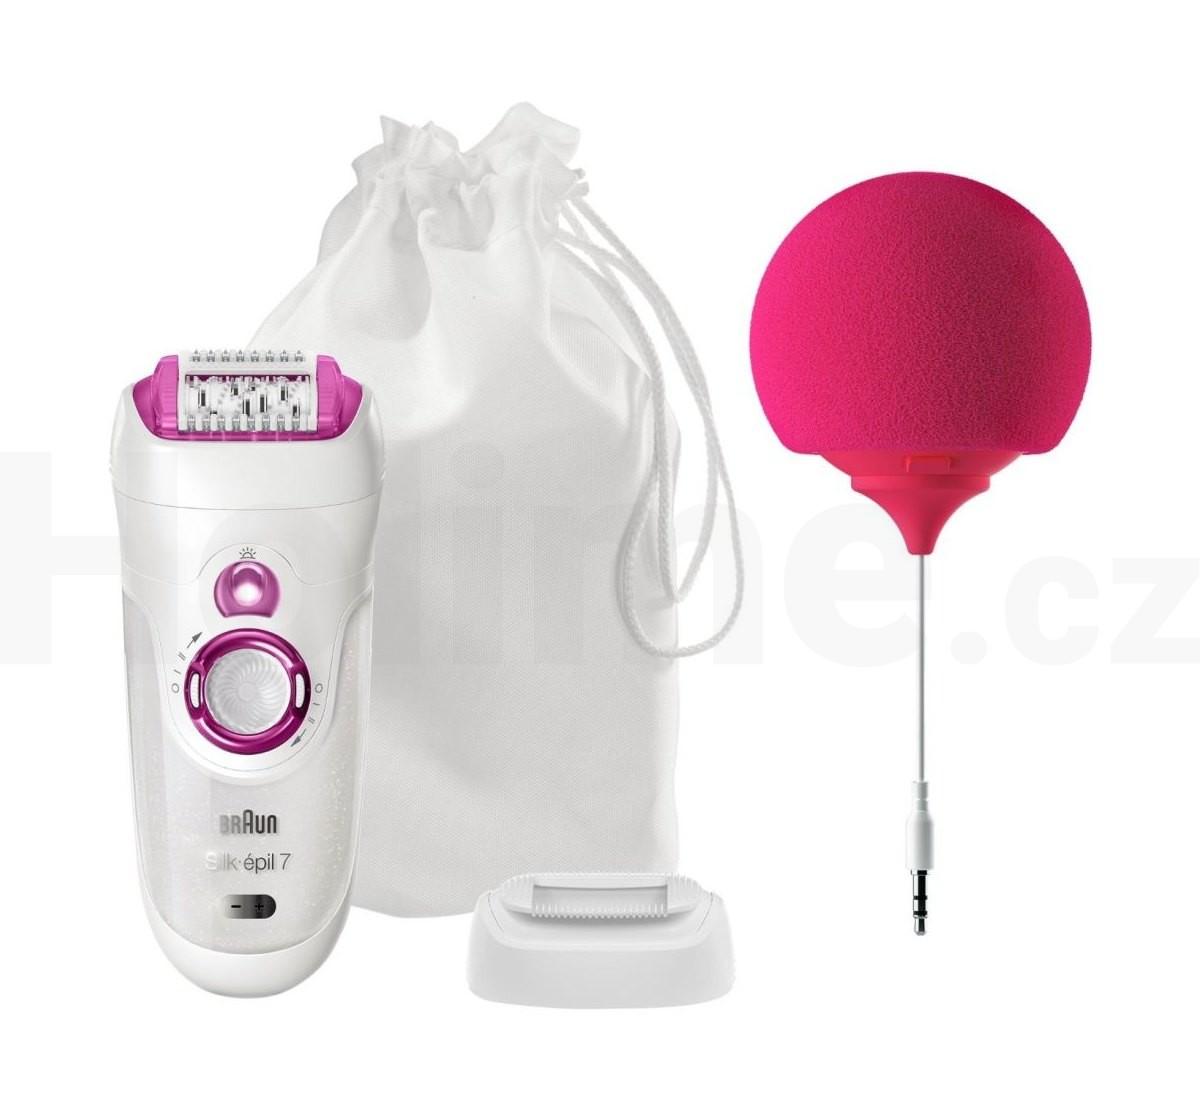 Braun Silk épil 7-527 Wet&Dry epilátor + reproduktor